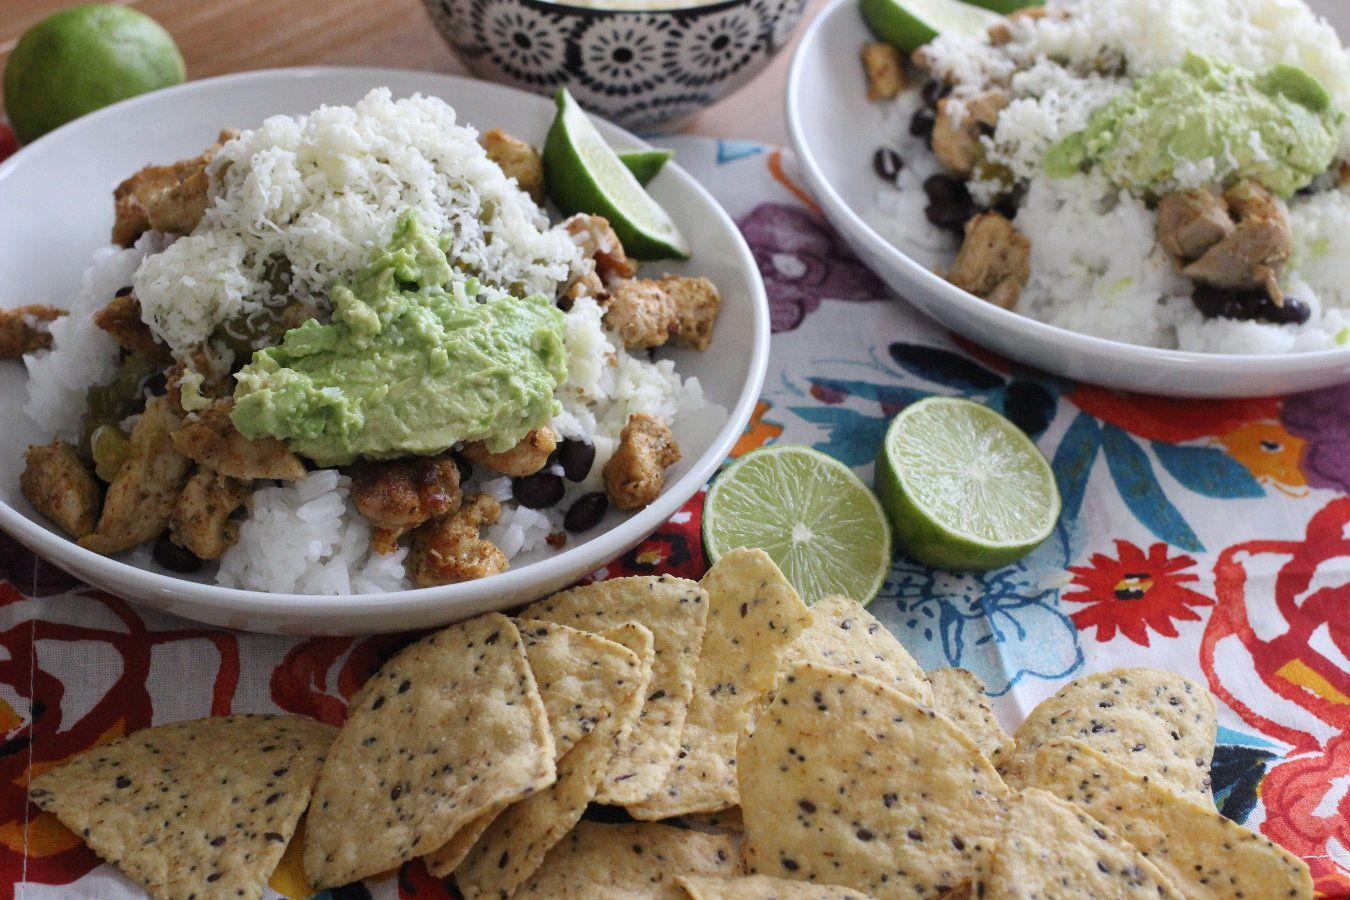 DIY Chipotle Burrito Bowl cleanchefmessymom Recipe